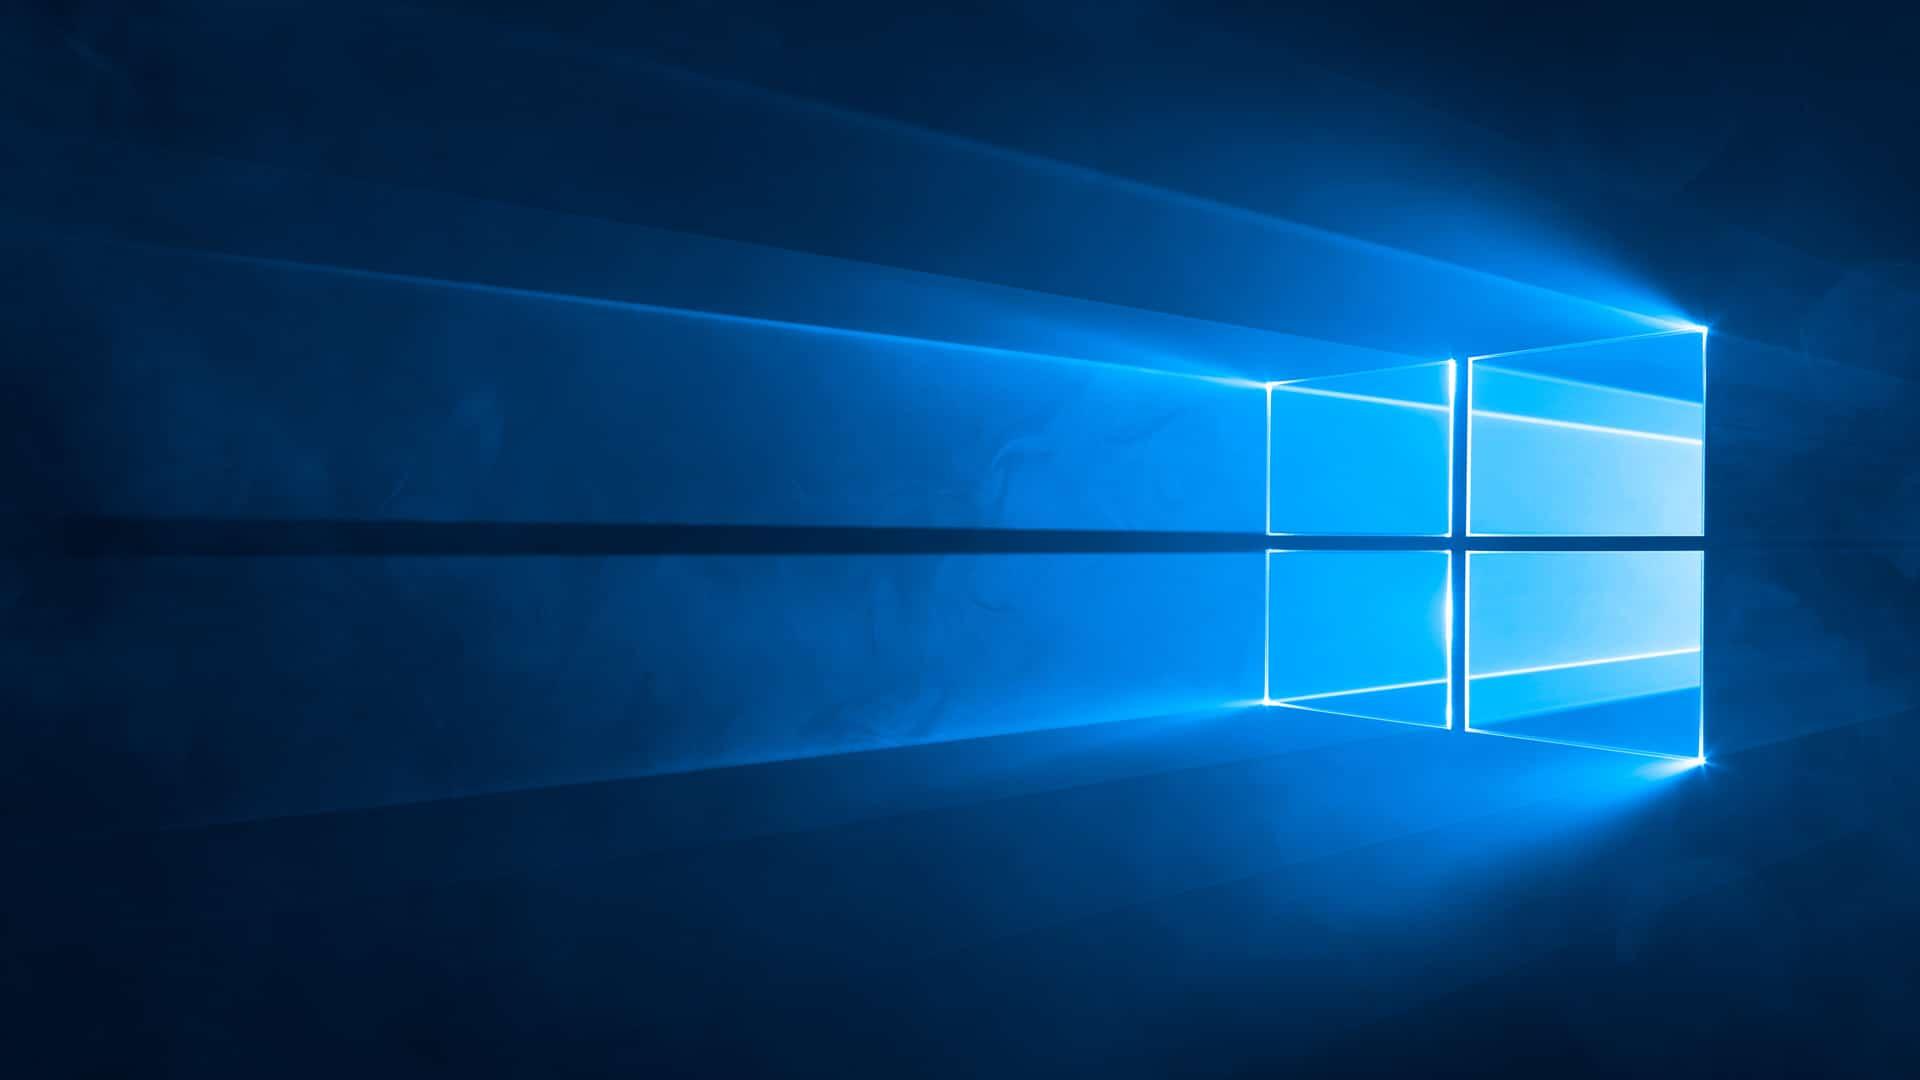 Installer Windows 10 sans attendre.[Maj]